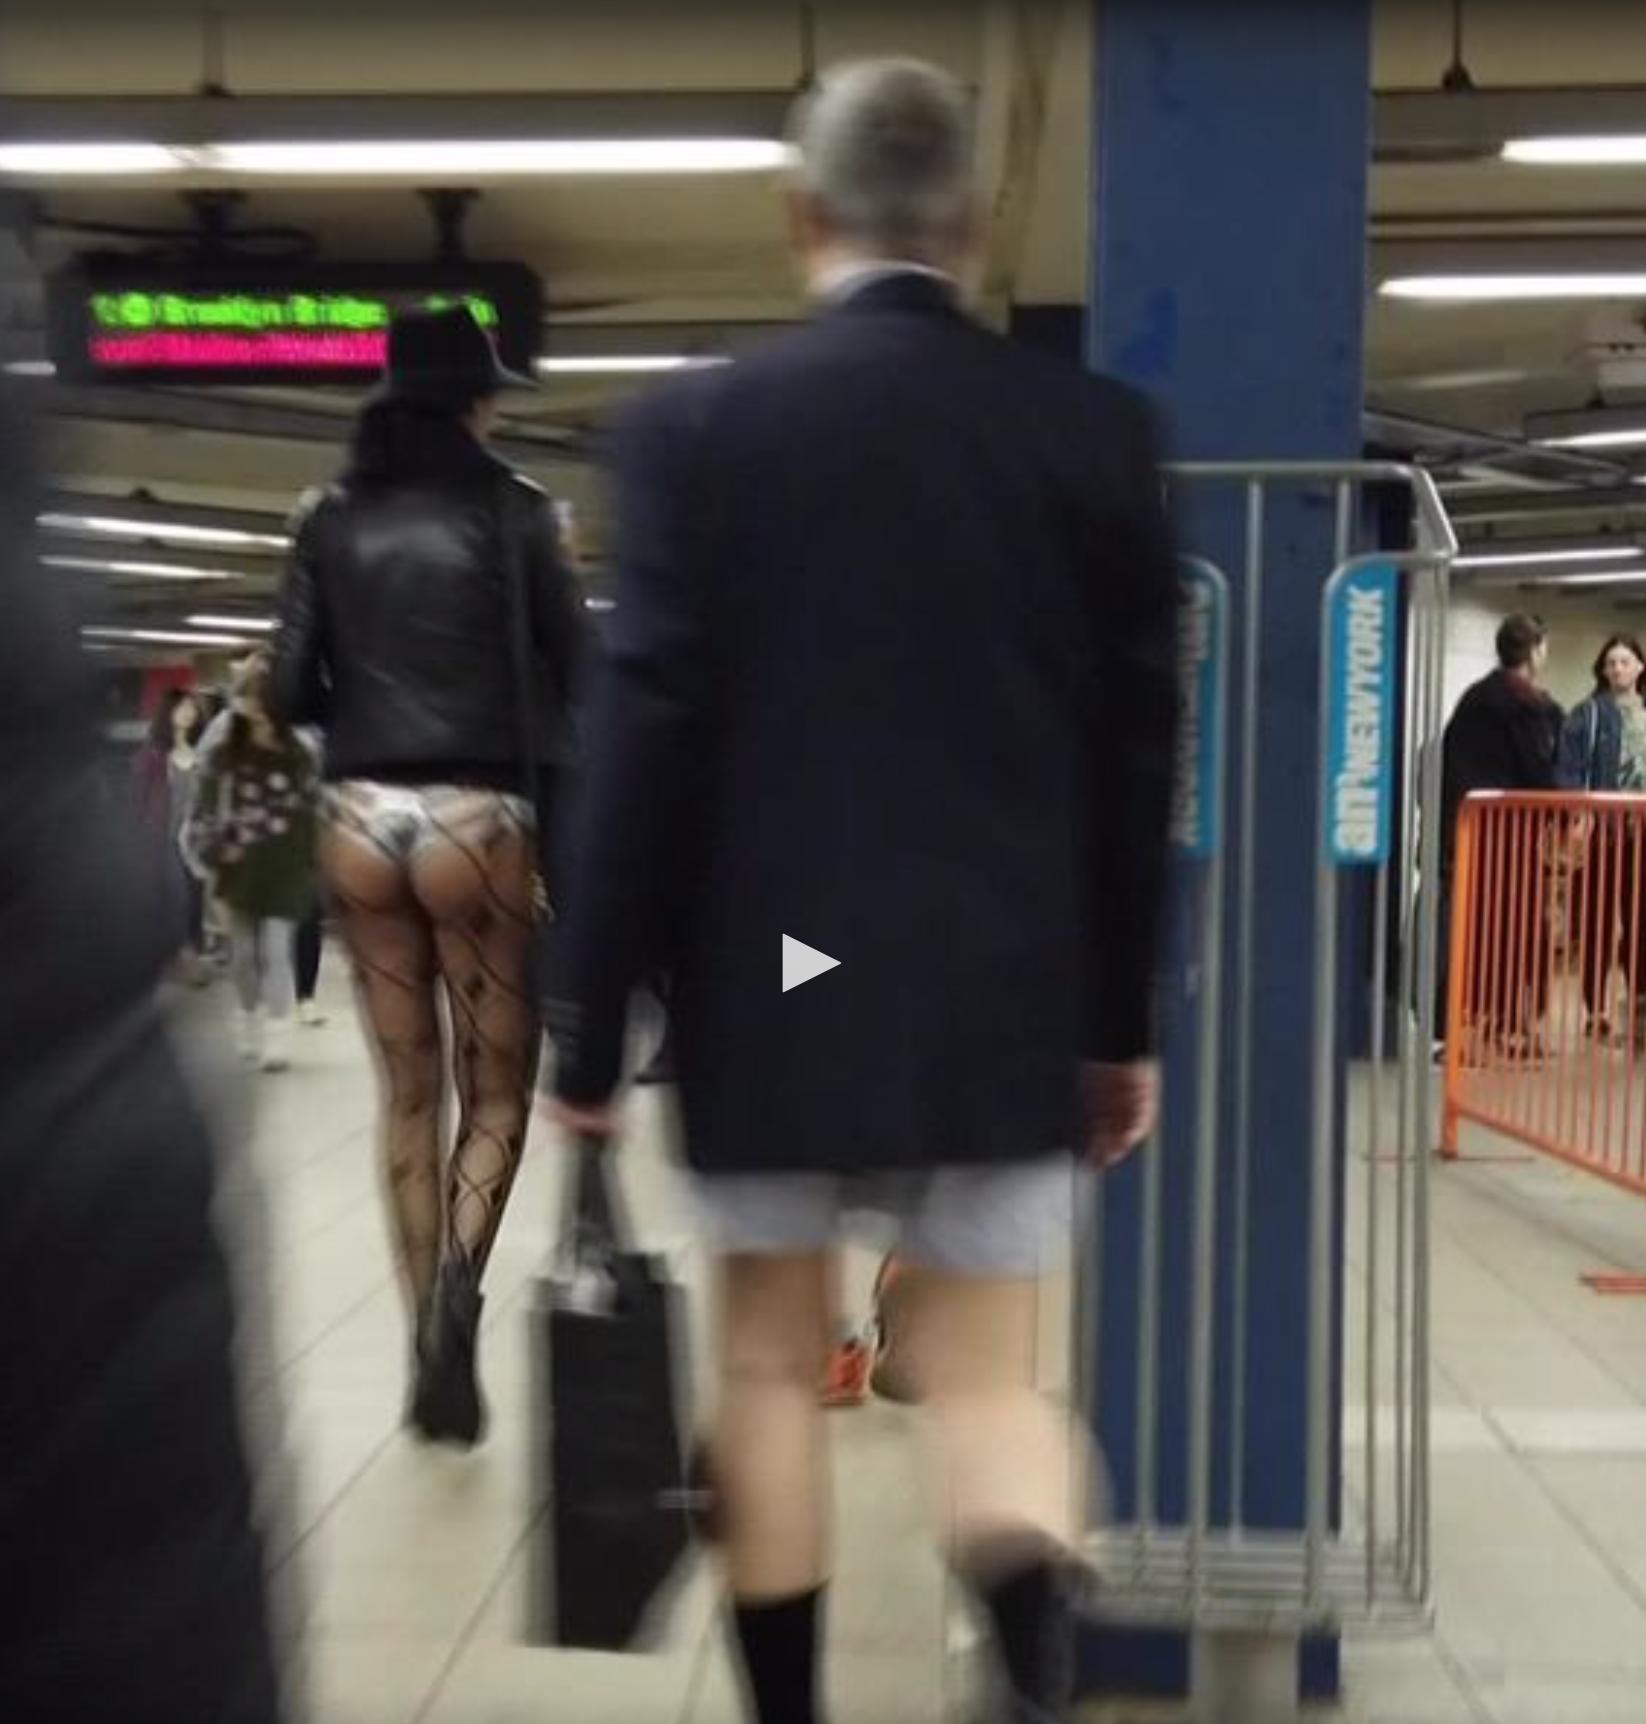 Insolite : dans le métro à New York, ils se baladent en slip et petite culotte